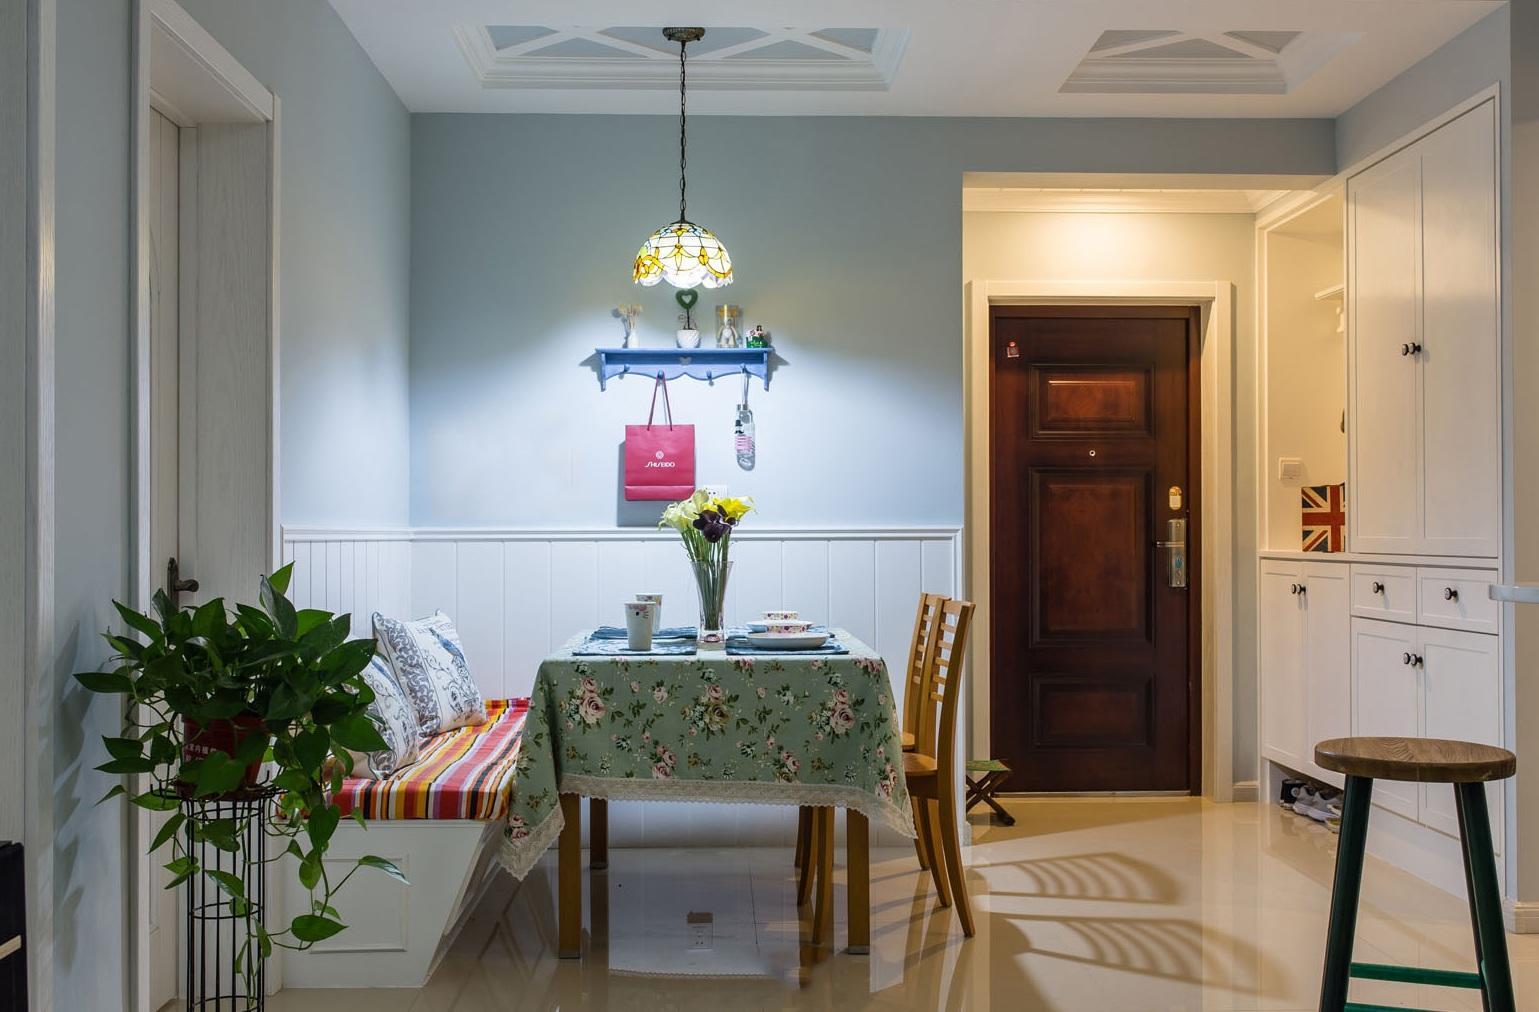 蓝色清新田园风格餐厅背景墙装潢效果图